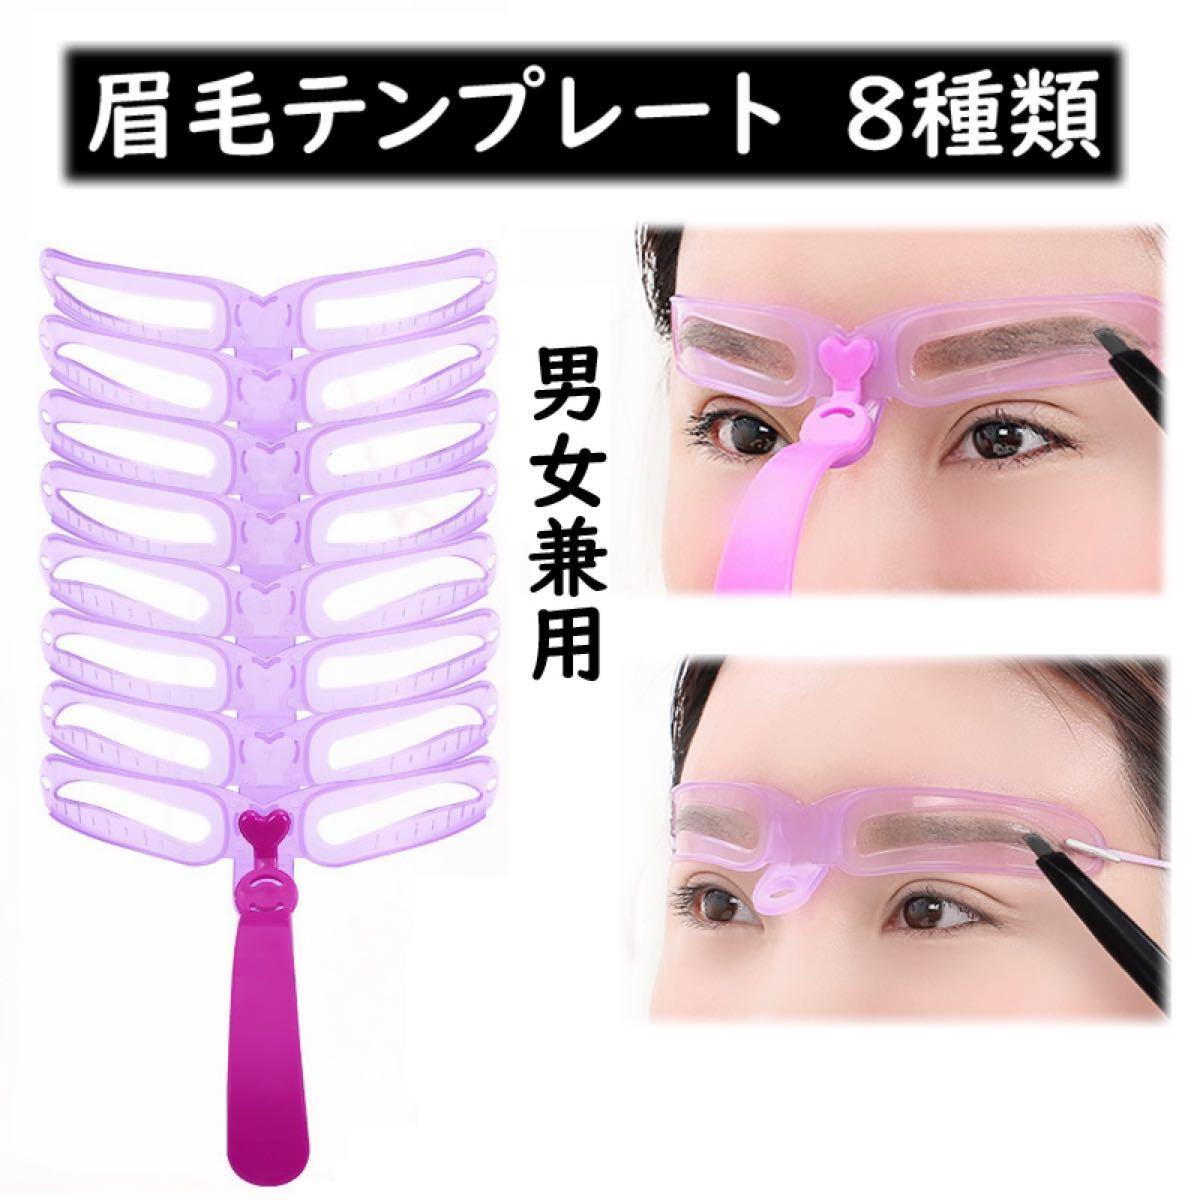 眉毛テンプレート 8種類 美眉 眉書き